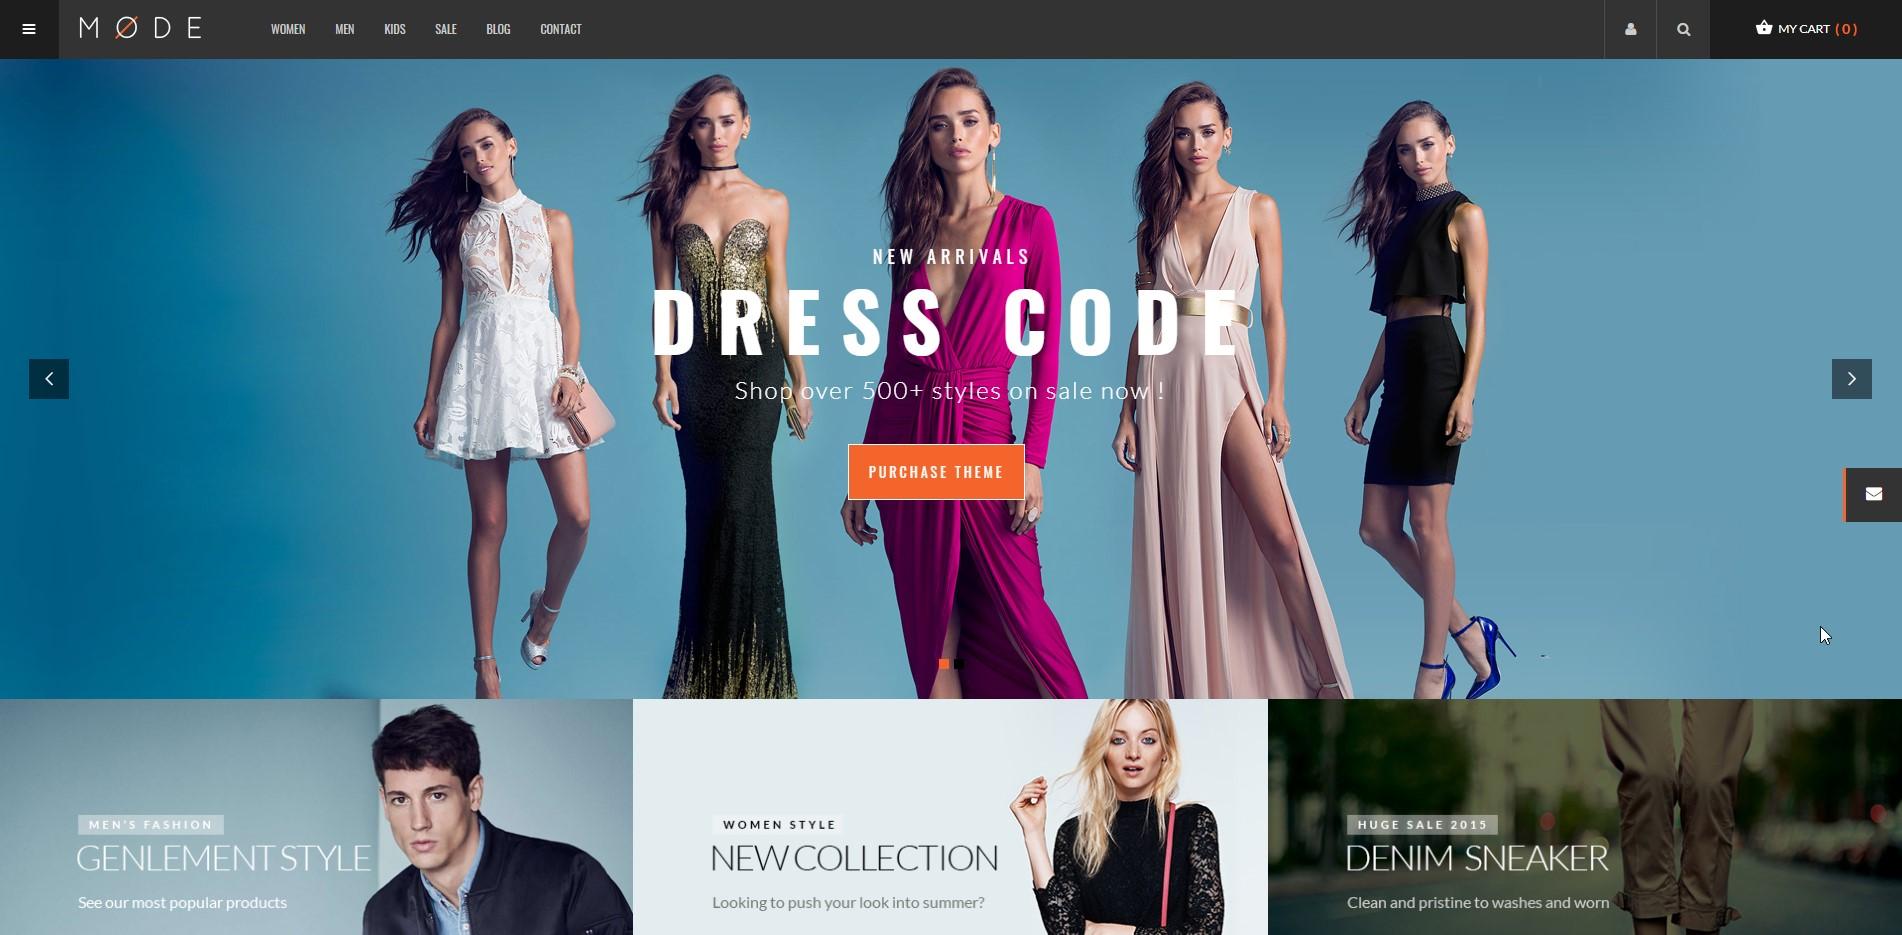 Mode - Fashion WooCommerce Theme